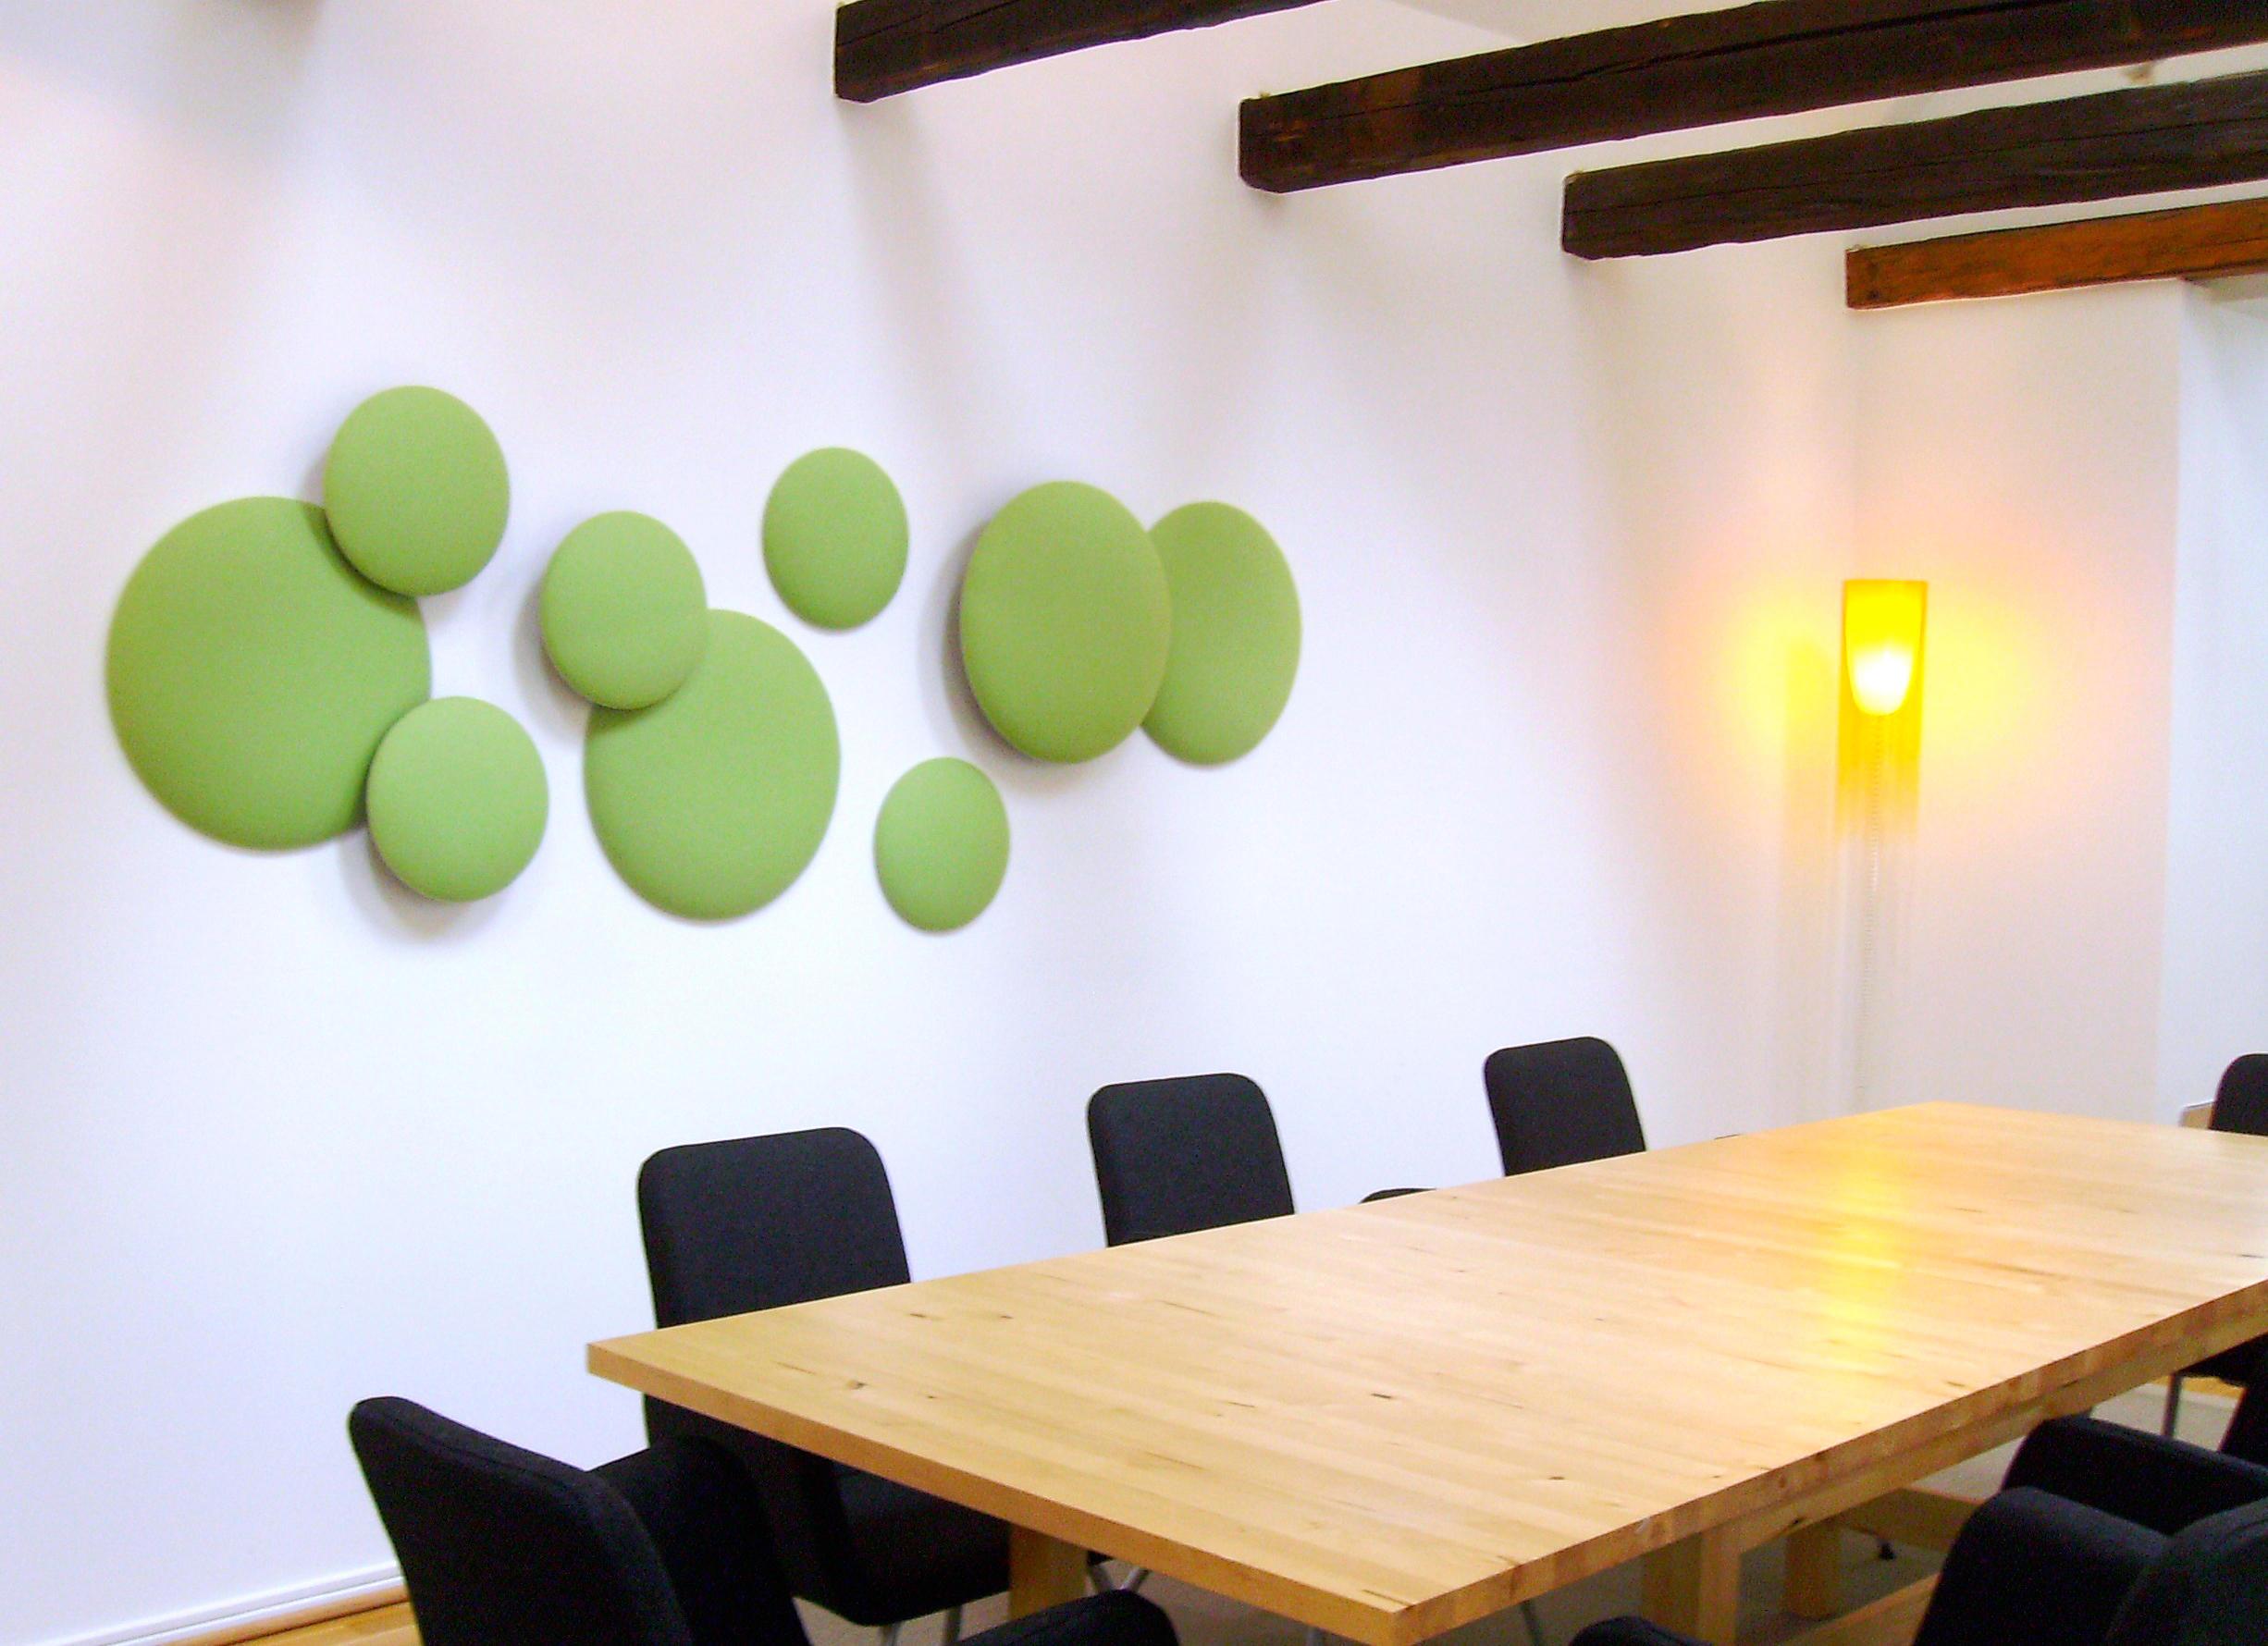 wandgestaltung wohnzimmer kreise : Woolbubbles Moon 11 Wandpaneele Von Wobedo Design Architonic